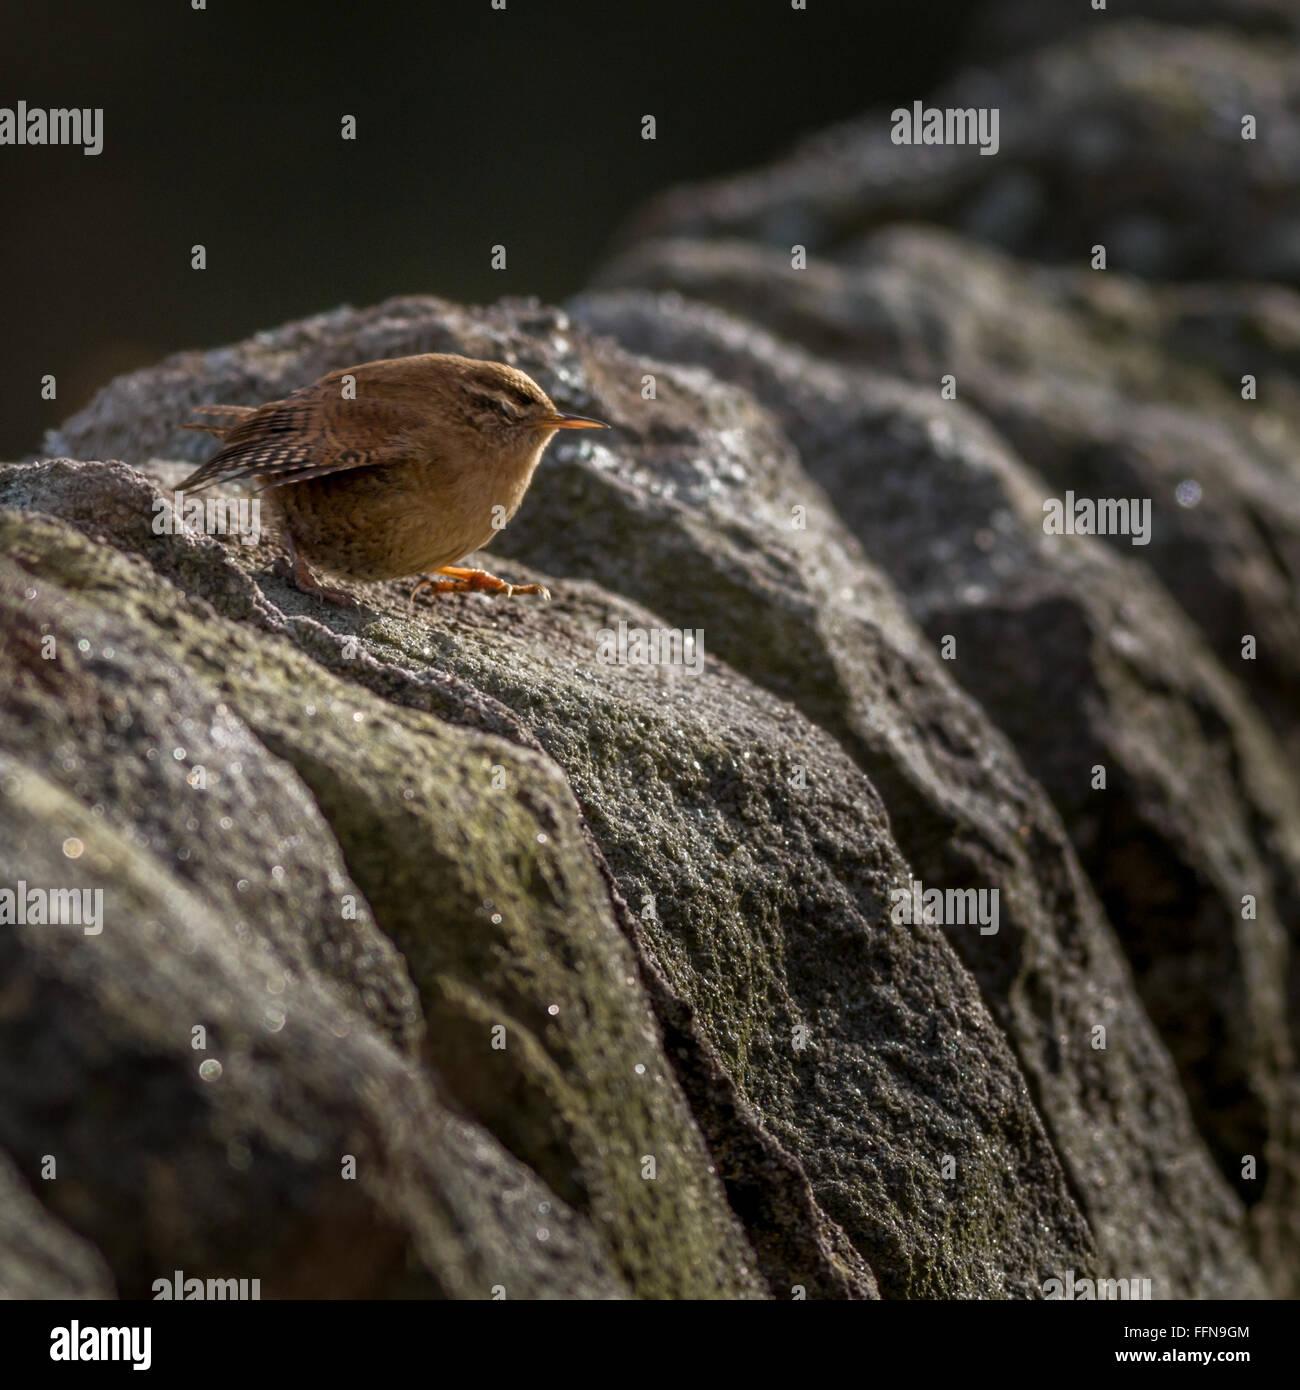 Acte de foi - le Troglodyte mignon (Troglodytes troglodytes) à pas avec ses yeux fermés, dans le Yorkshire. Banque D'Images